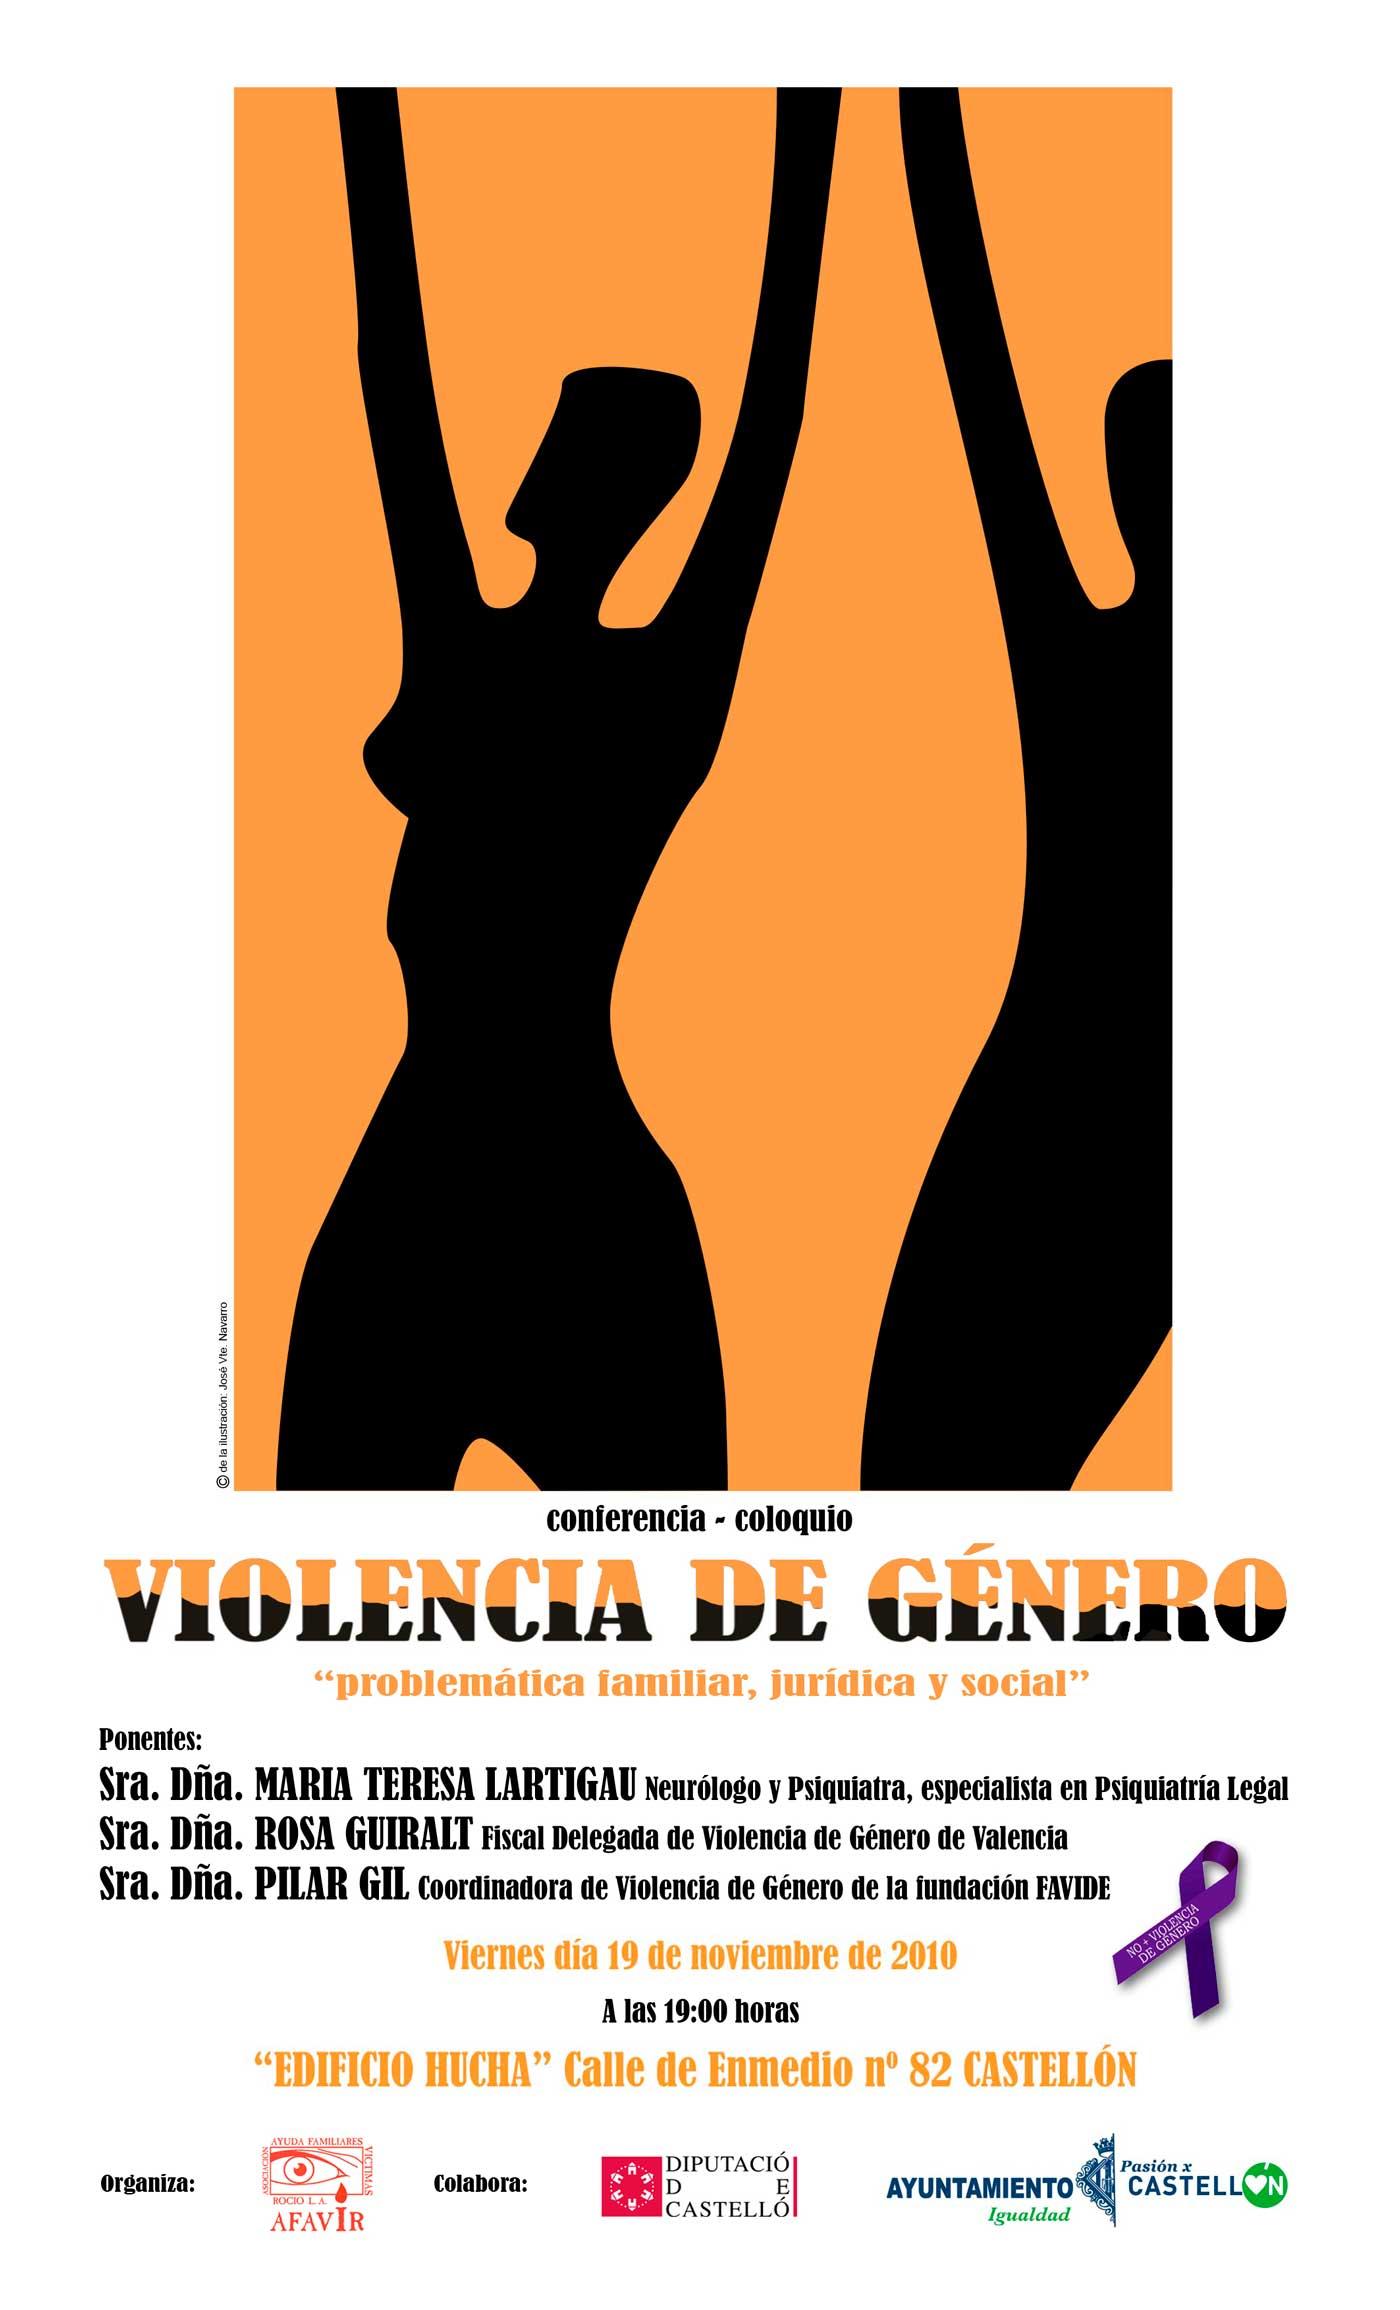 Conferencia de Violencia de Género Problemática Familiar Jurídica y Social - AFAVIR